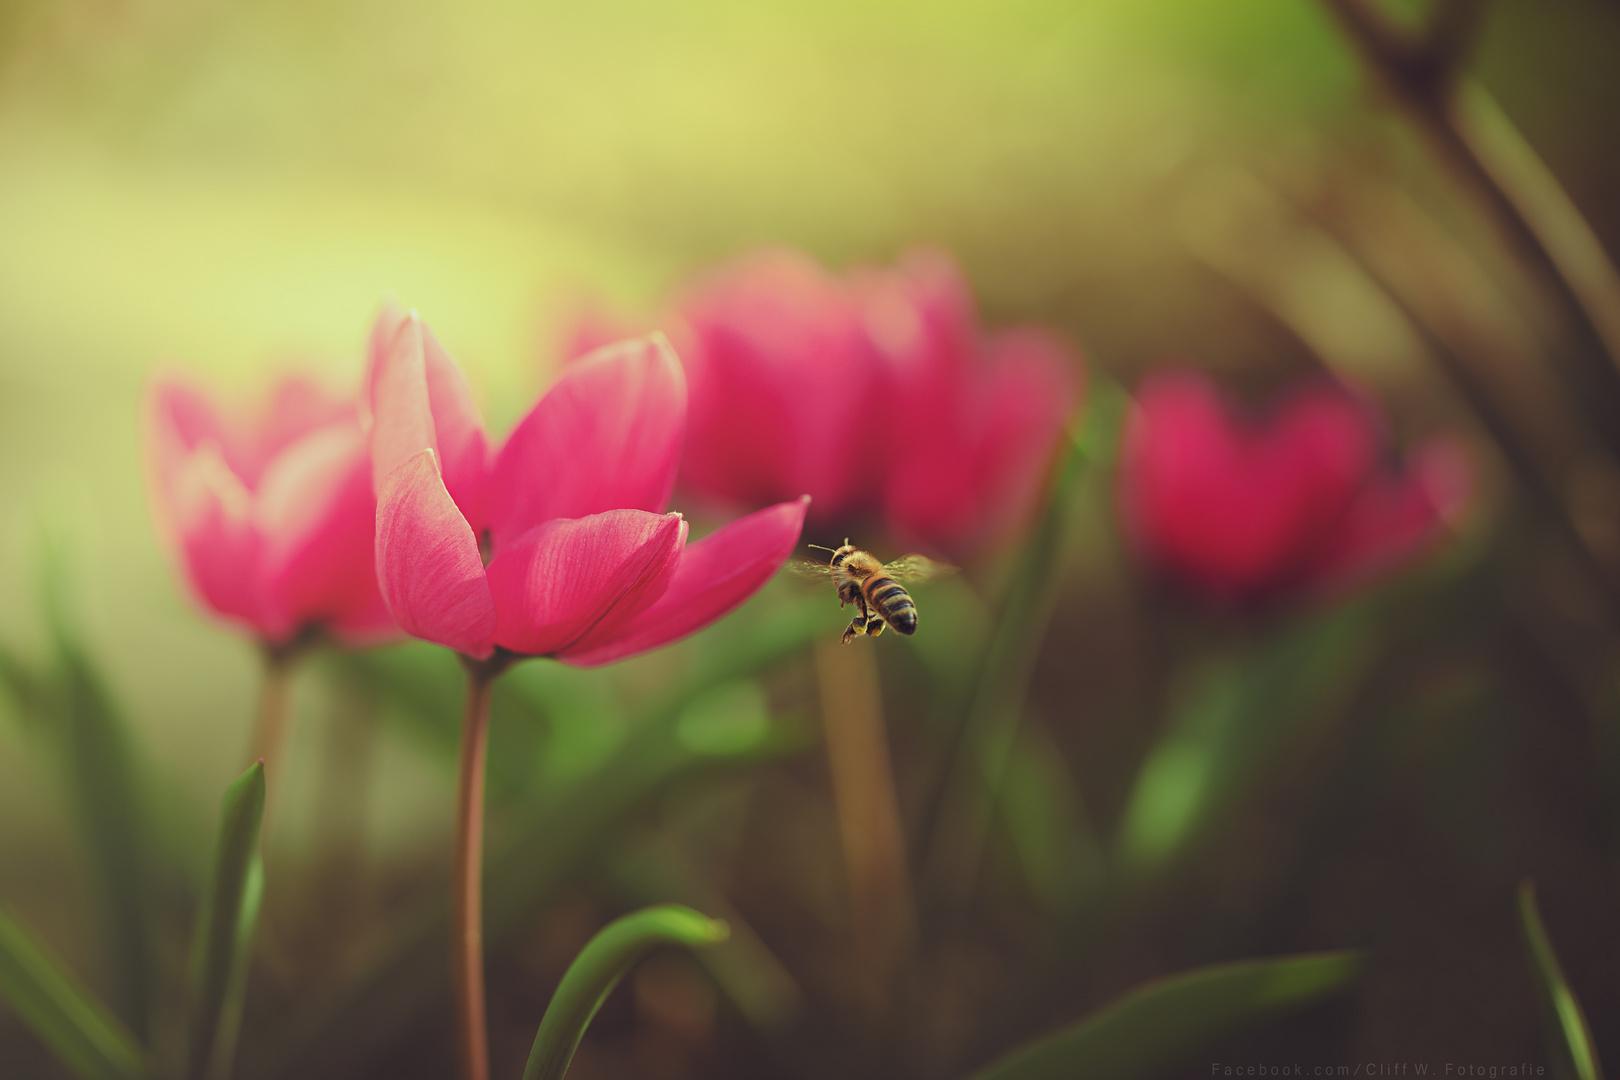 Meine erste Biene und Tulpe dieses Jahr :)